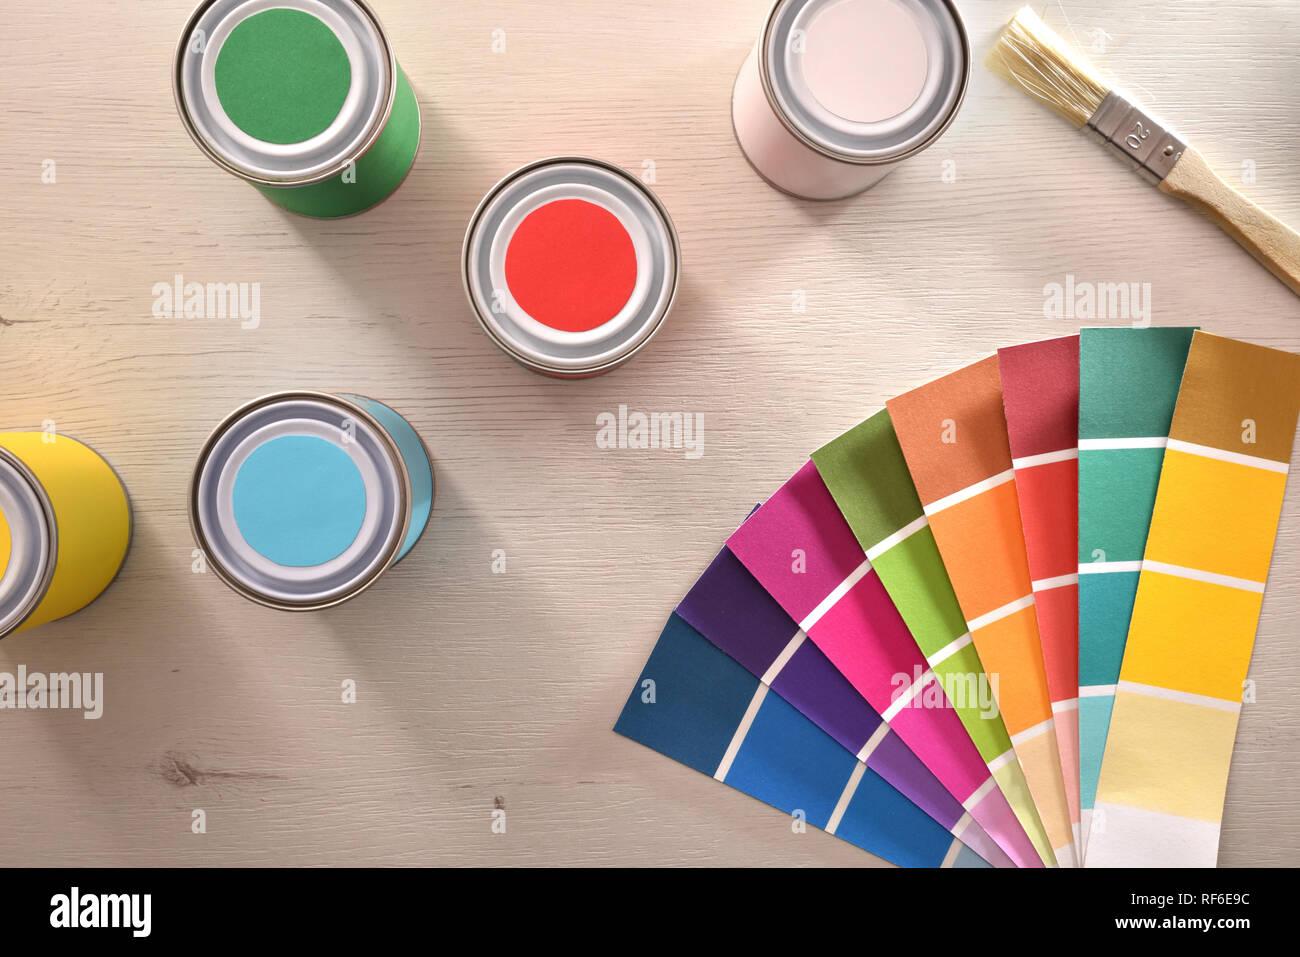 Vernici colorate e la tavolozza dei colori sul tavolo bianco per il restauro di materiali. Vista dall'alto. Composizione orizzontale. Foto Stock